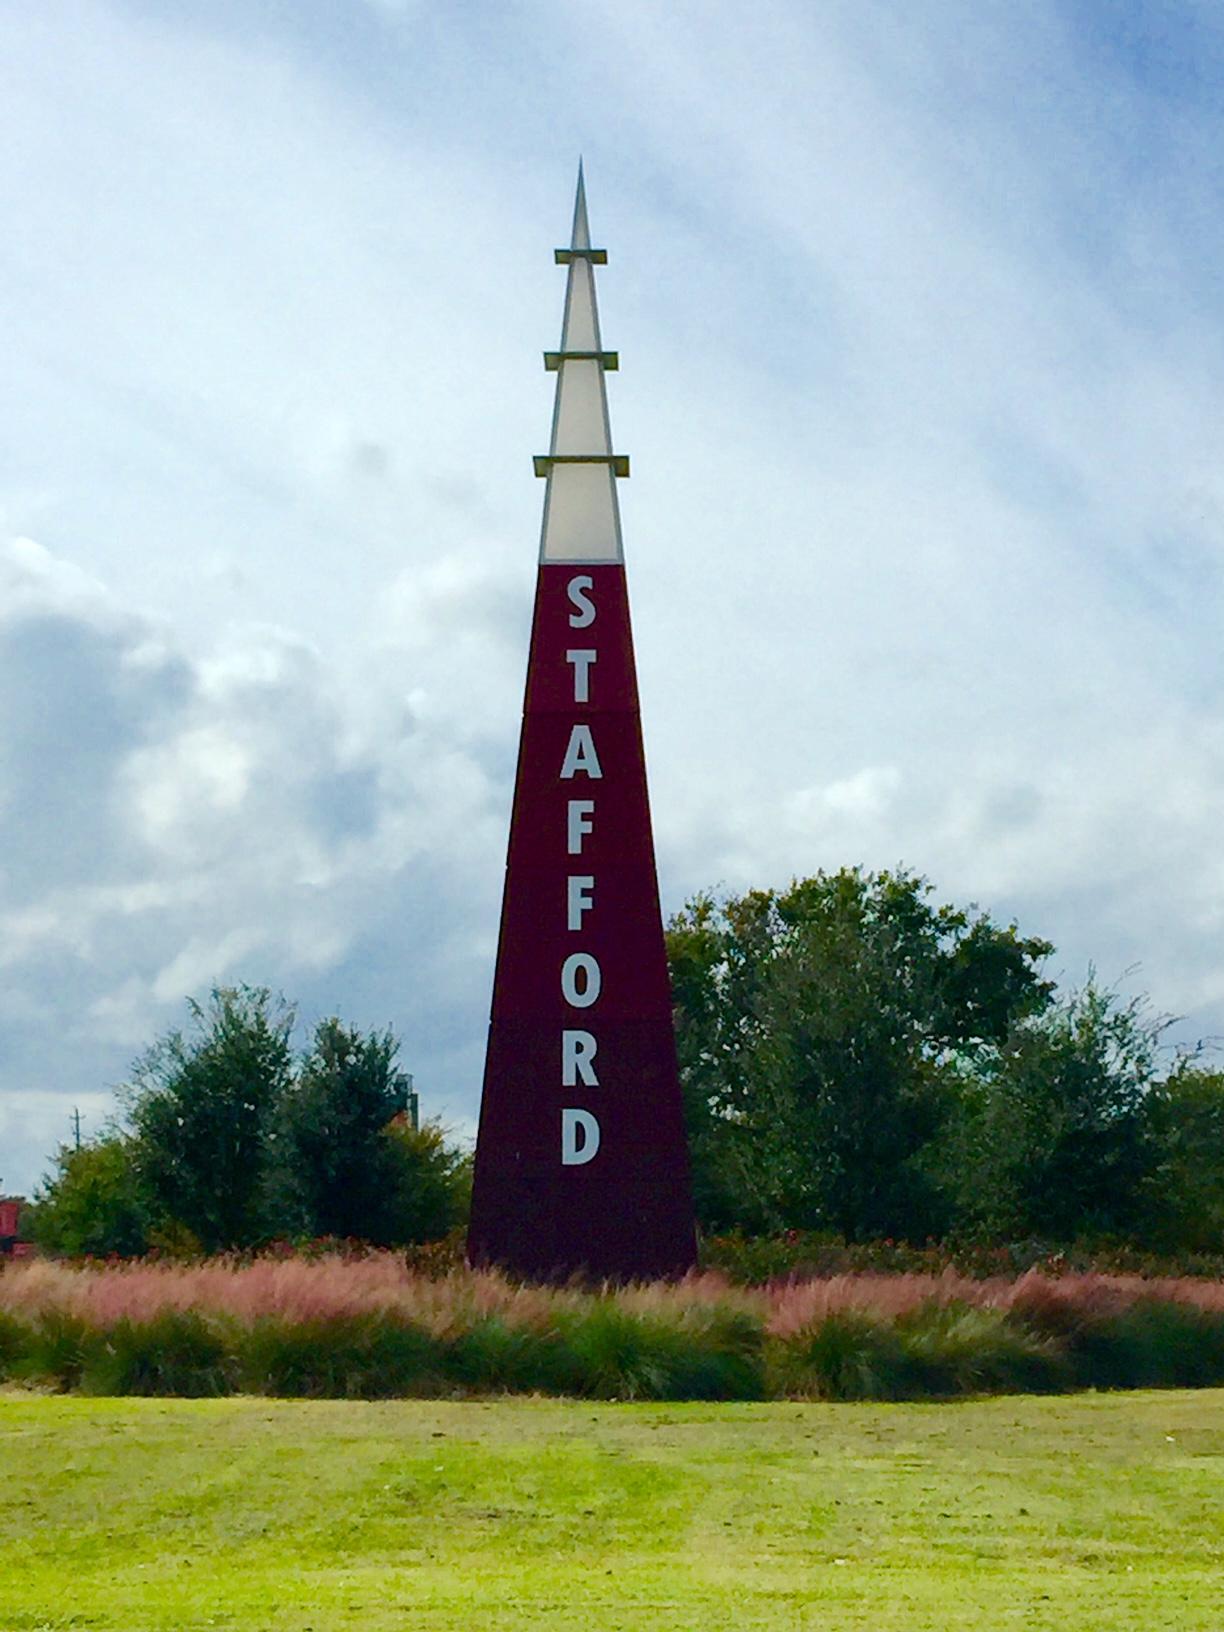 Shredding Stafford